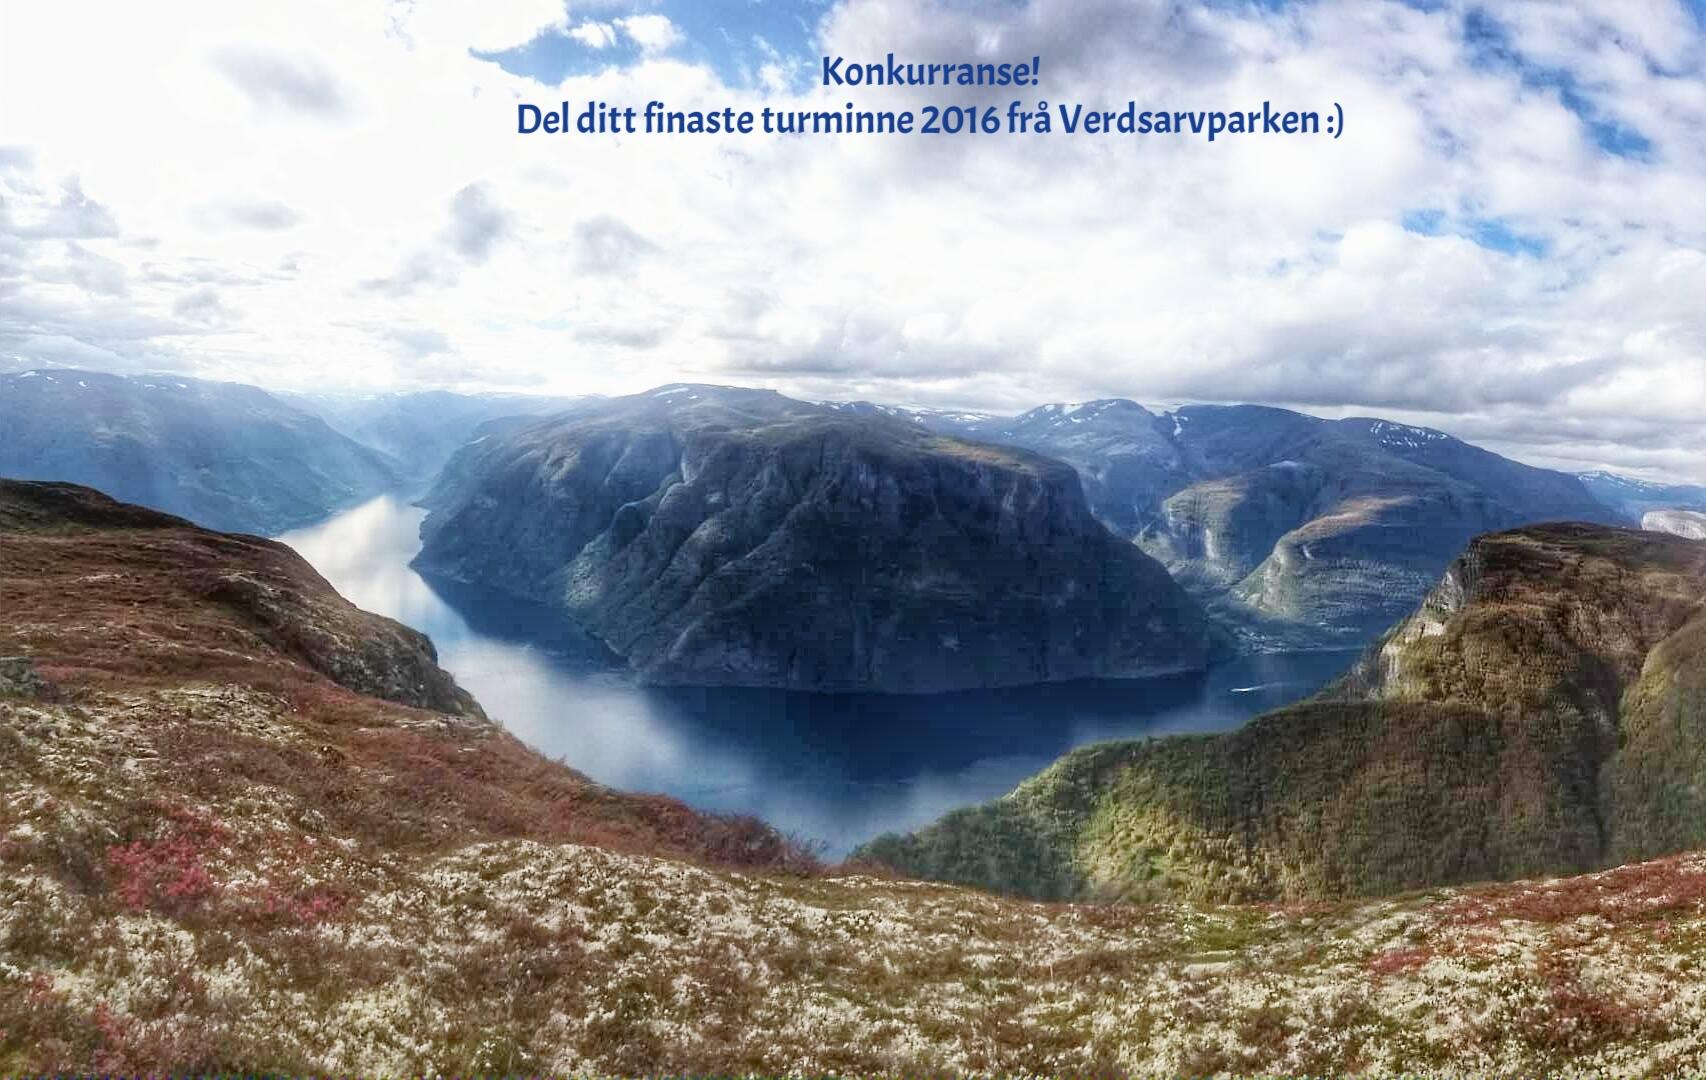 Utsikt frå Skulenosi (foto:Bengt Erlend Skjerdal)